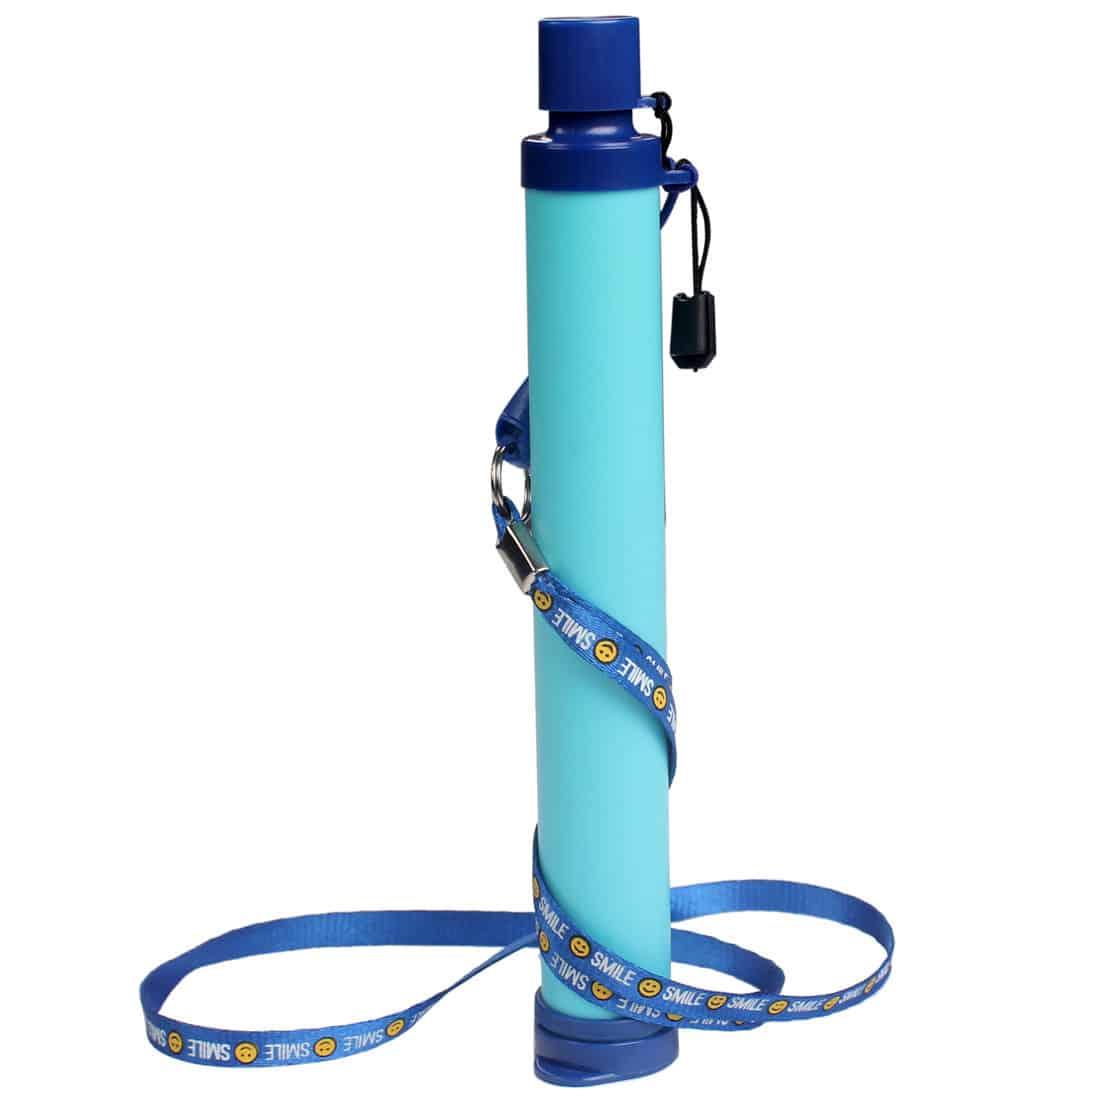 [Update: Ein Klon!] Bis zu 1000 Liter keimfreies Wasser mit dem Strohhalm trinken!